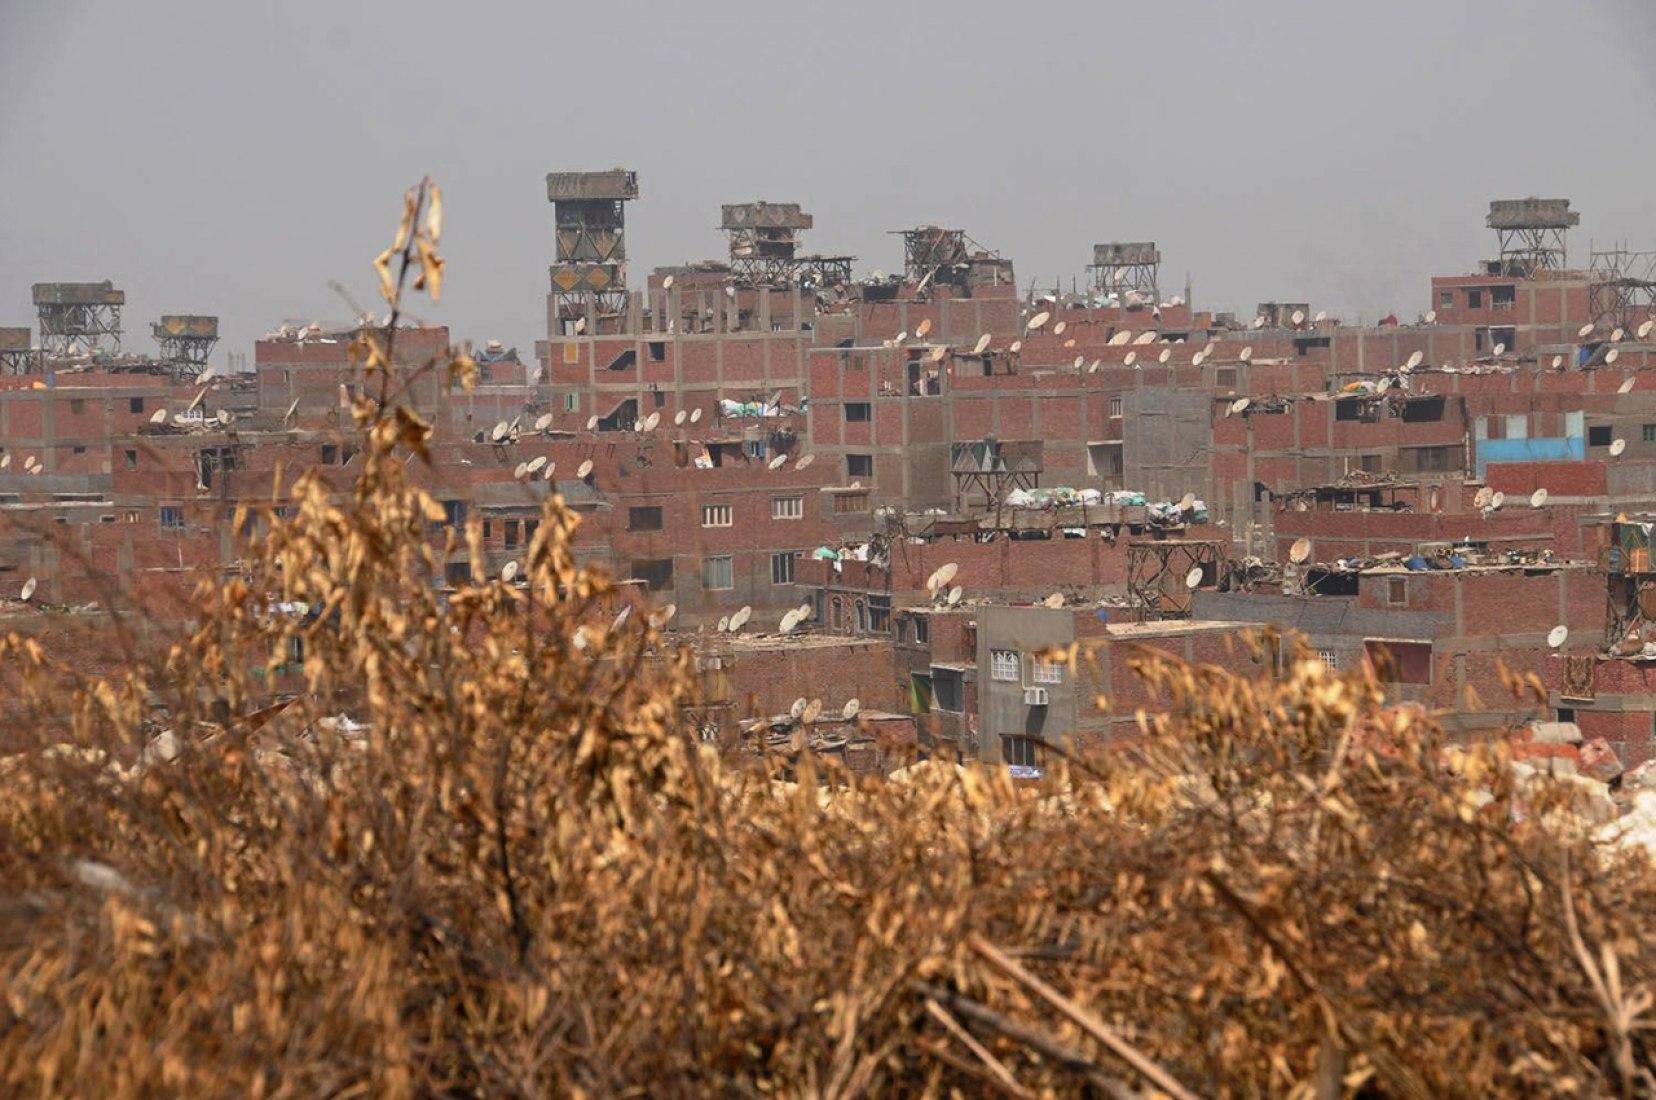 Vista de Torre de madera para cría de palomas, en El Cairo, Egipto. Fotografía © Manuel Álvarez Diestro.